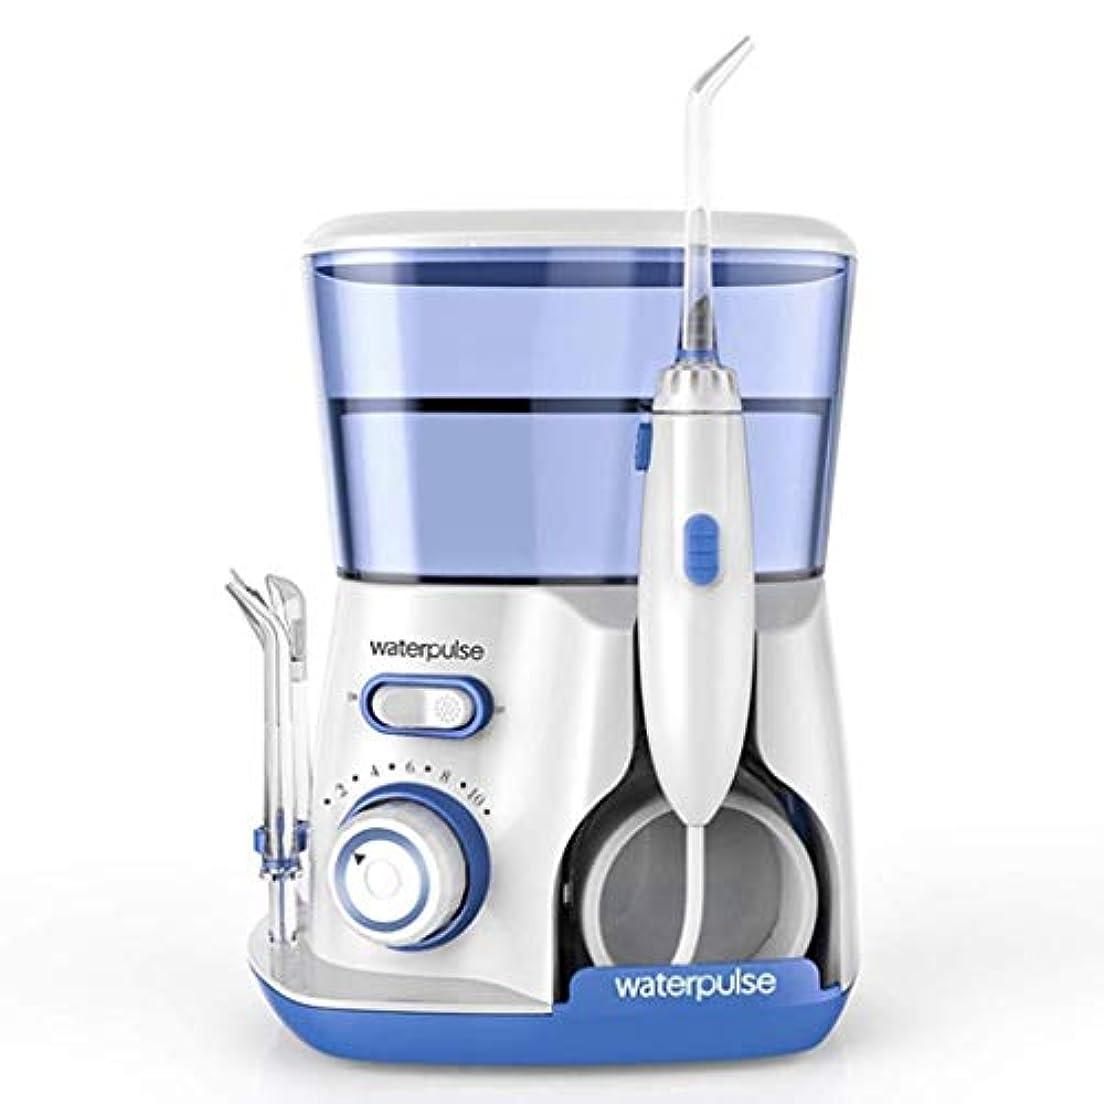 出会い長方形マキシム歯科洗浄機、電動歯洗浄機、ポータブル家庭用口腔洗浄機、5つのノズル付き800ML、360度の洗浄 (Color : V)